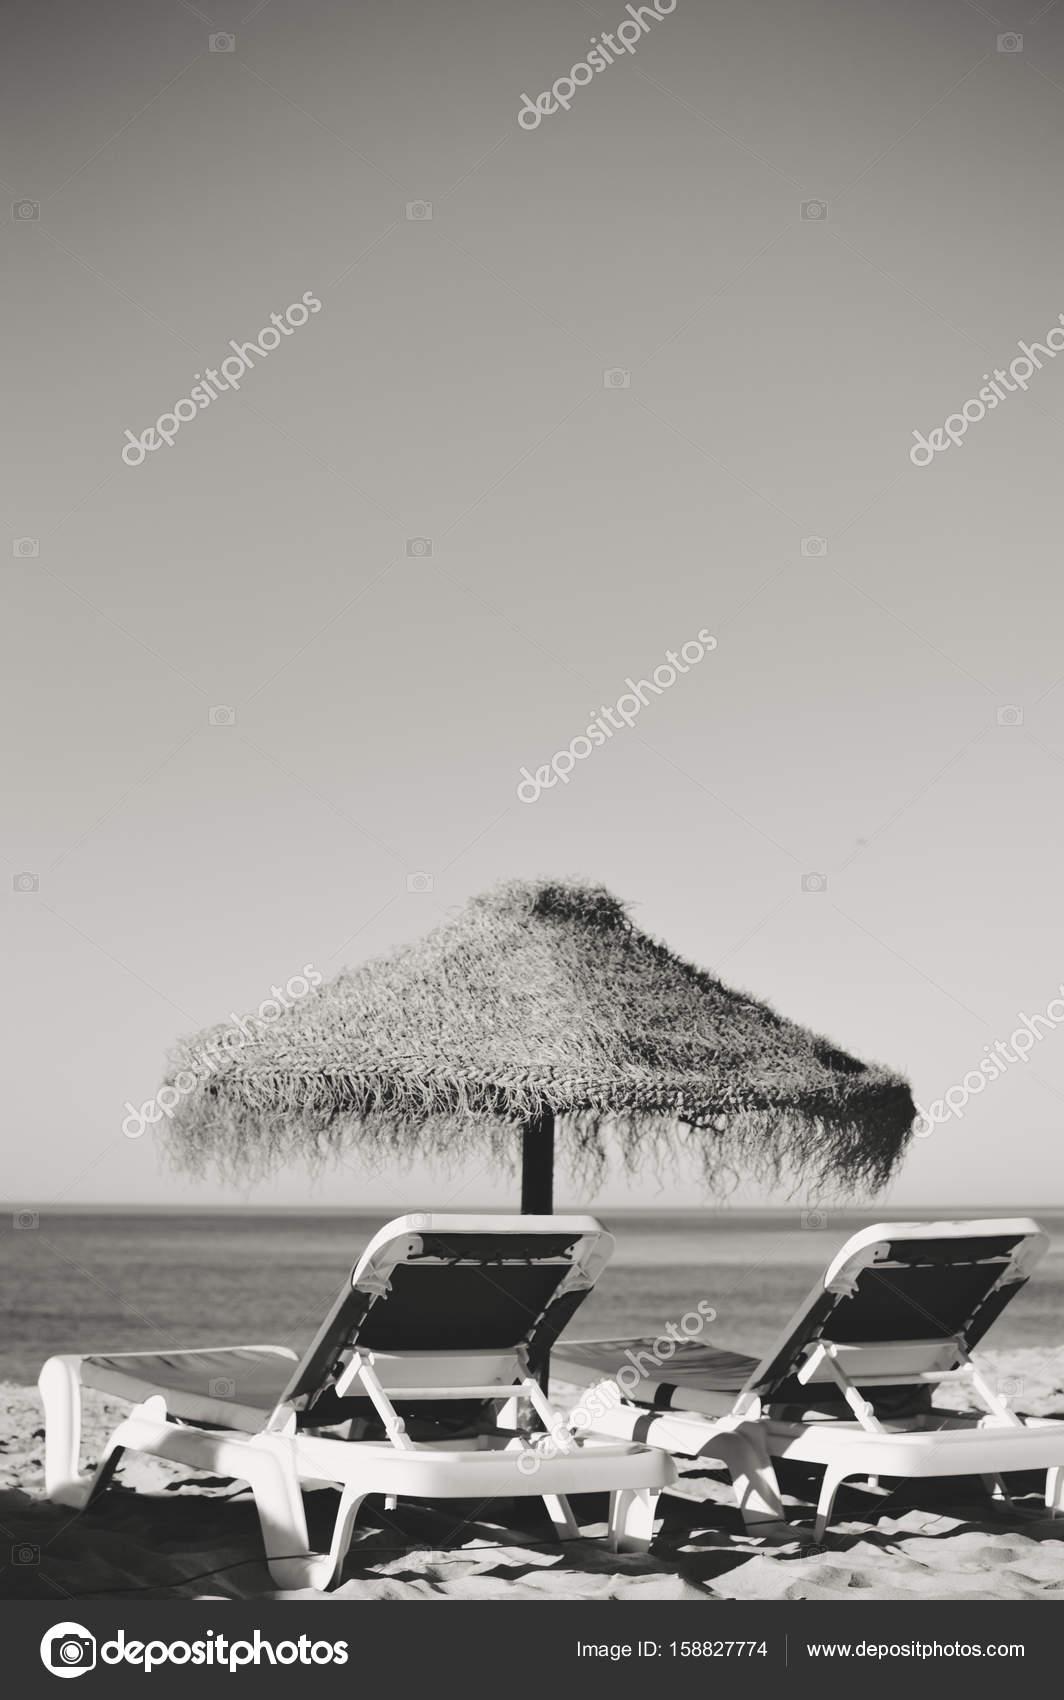 Wunderbar Gut Urlaub Strand Liegestühle Und Sonnenschirm Baldachin Auf Dem Ozean Im  Freien Hintergrund. Schwarz /